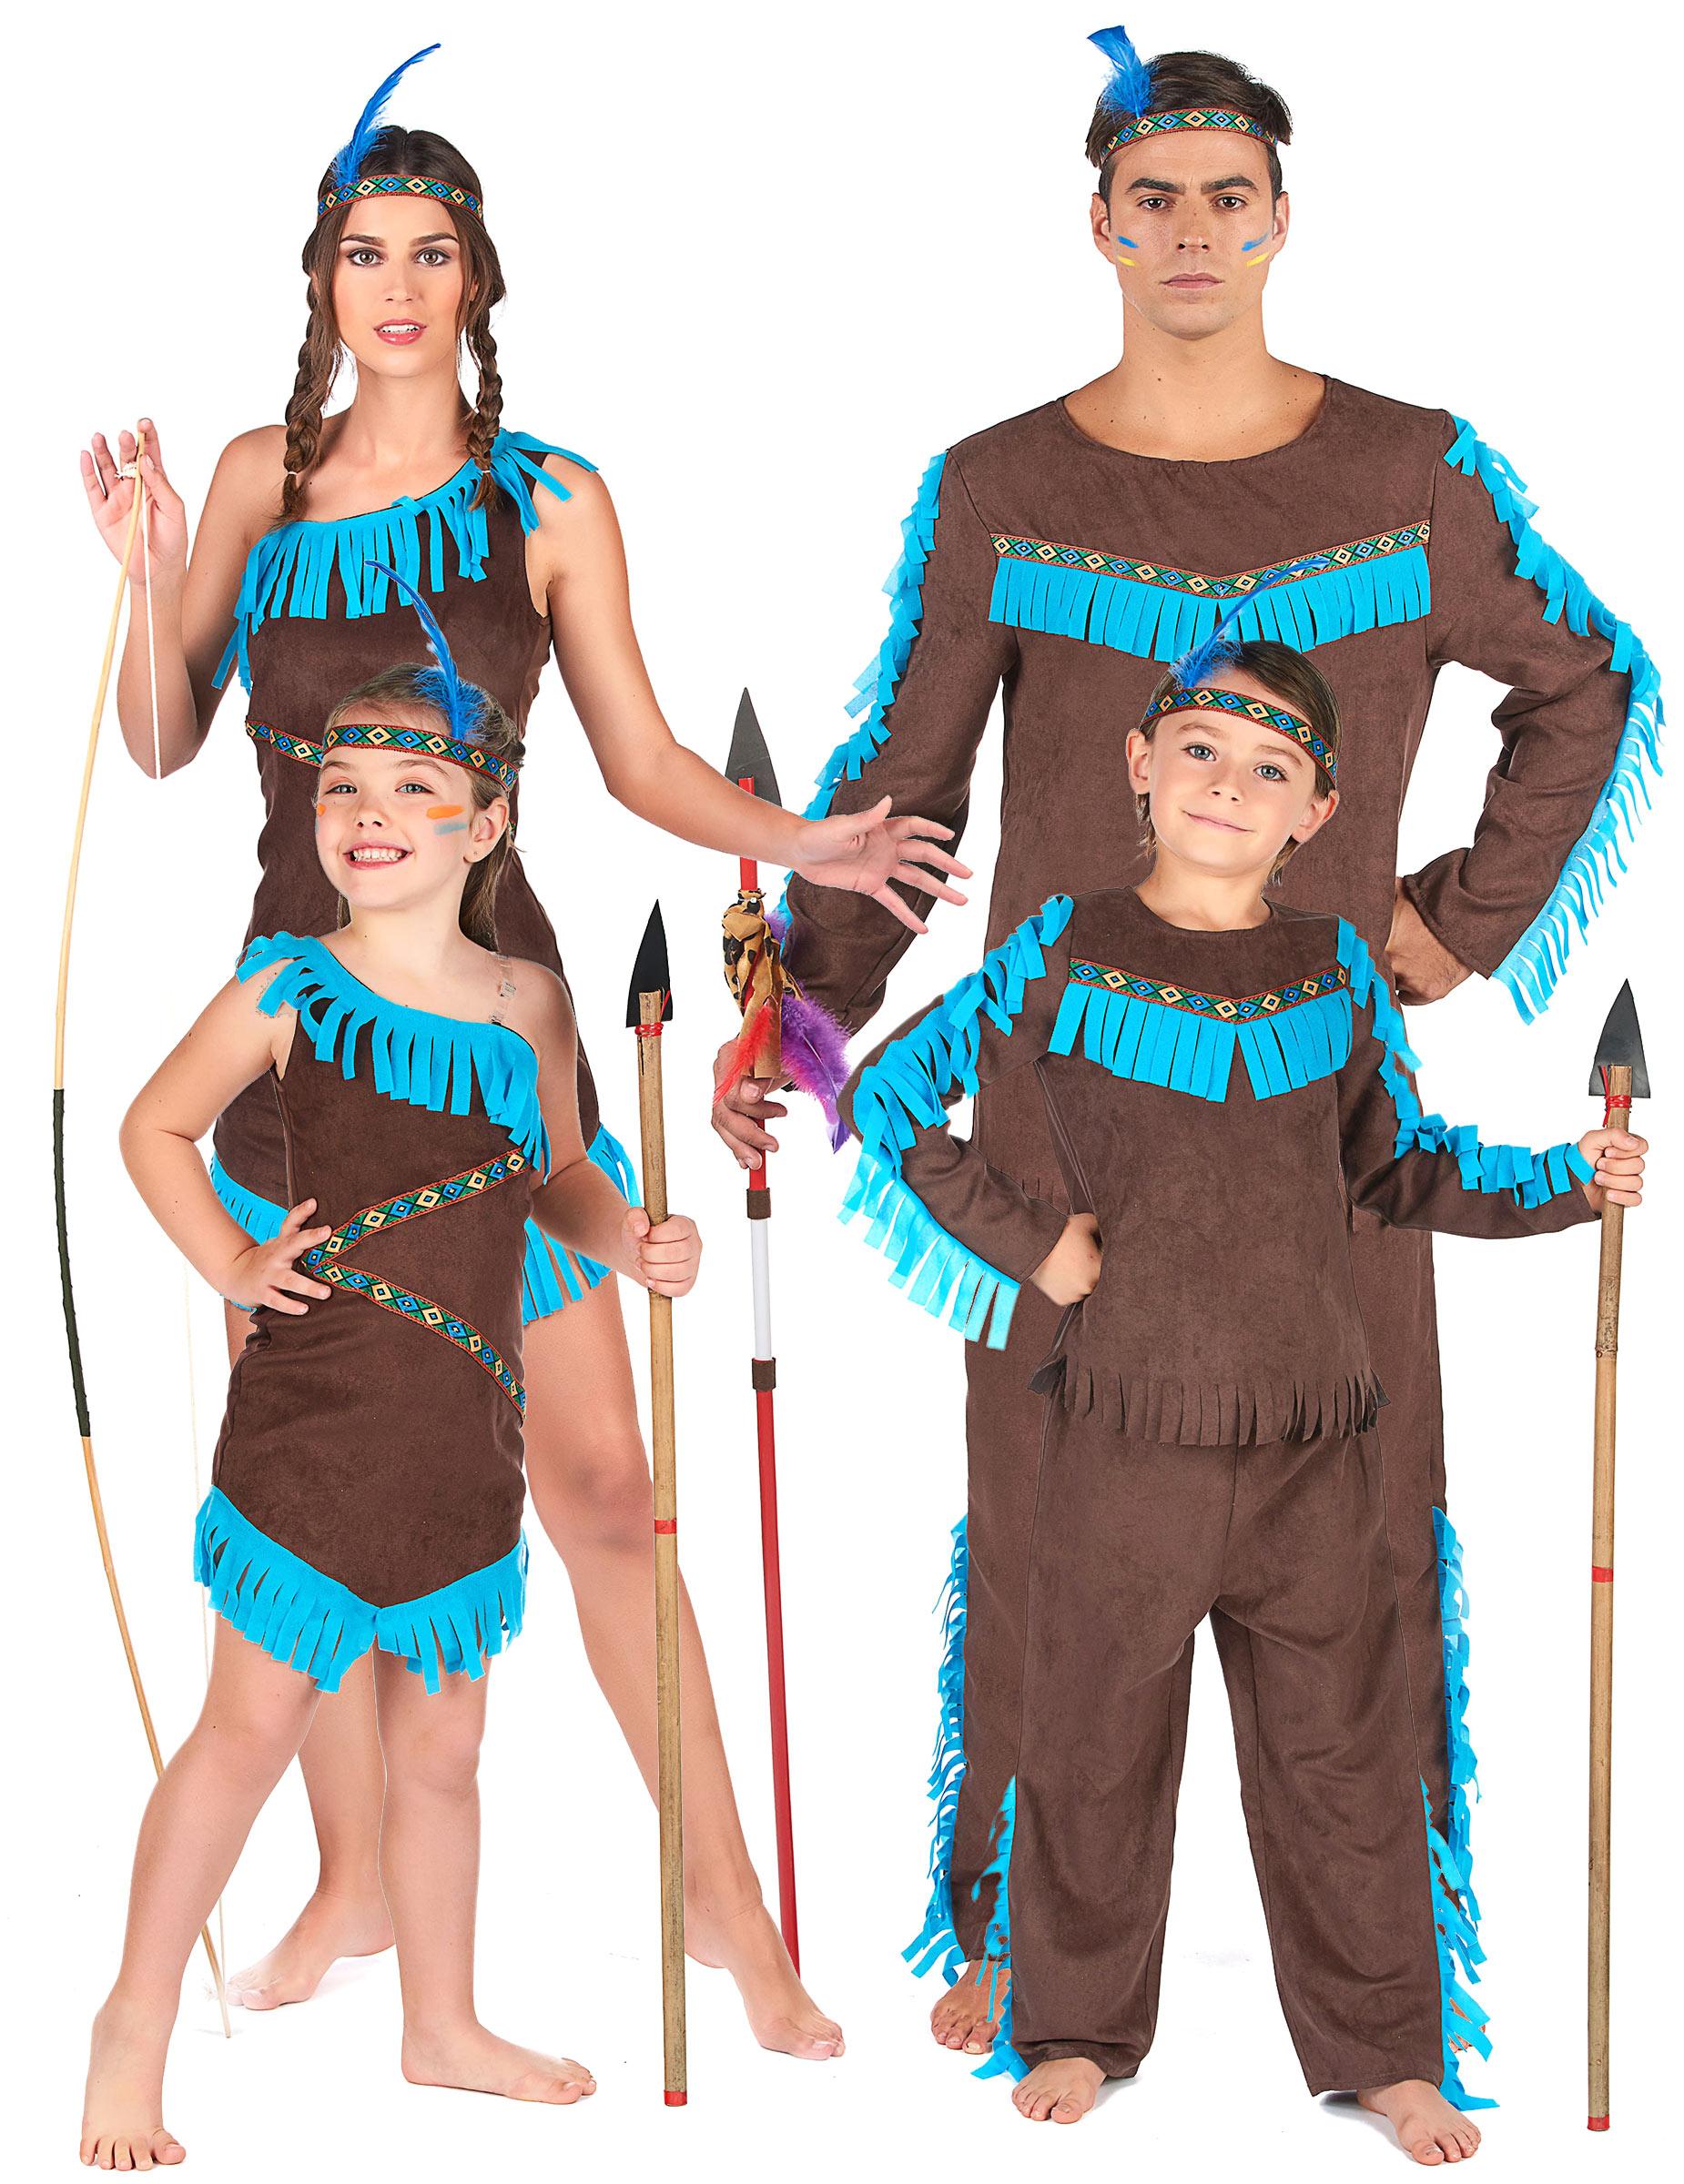 Indianstam - Gruppdräkt för vuxna och barn 8abe88b628d0f